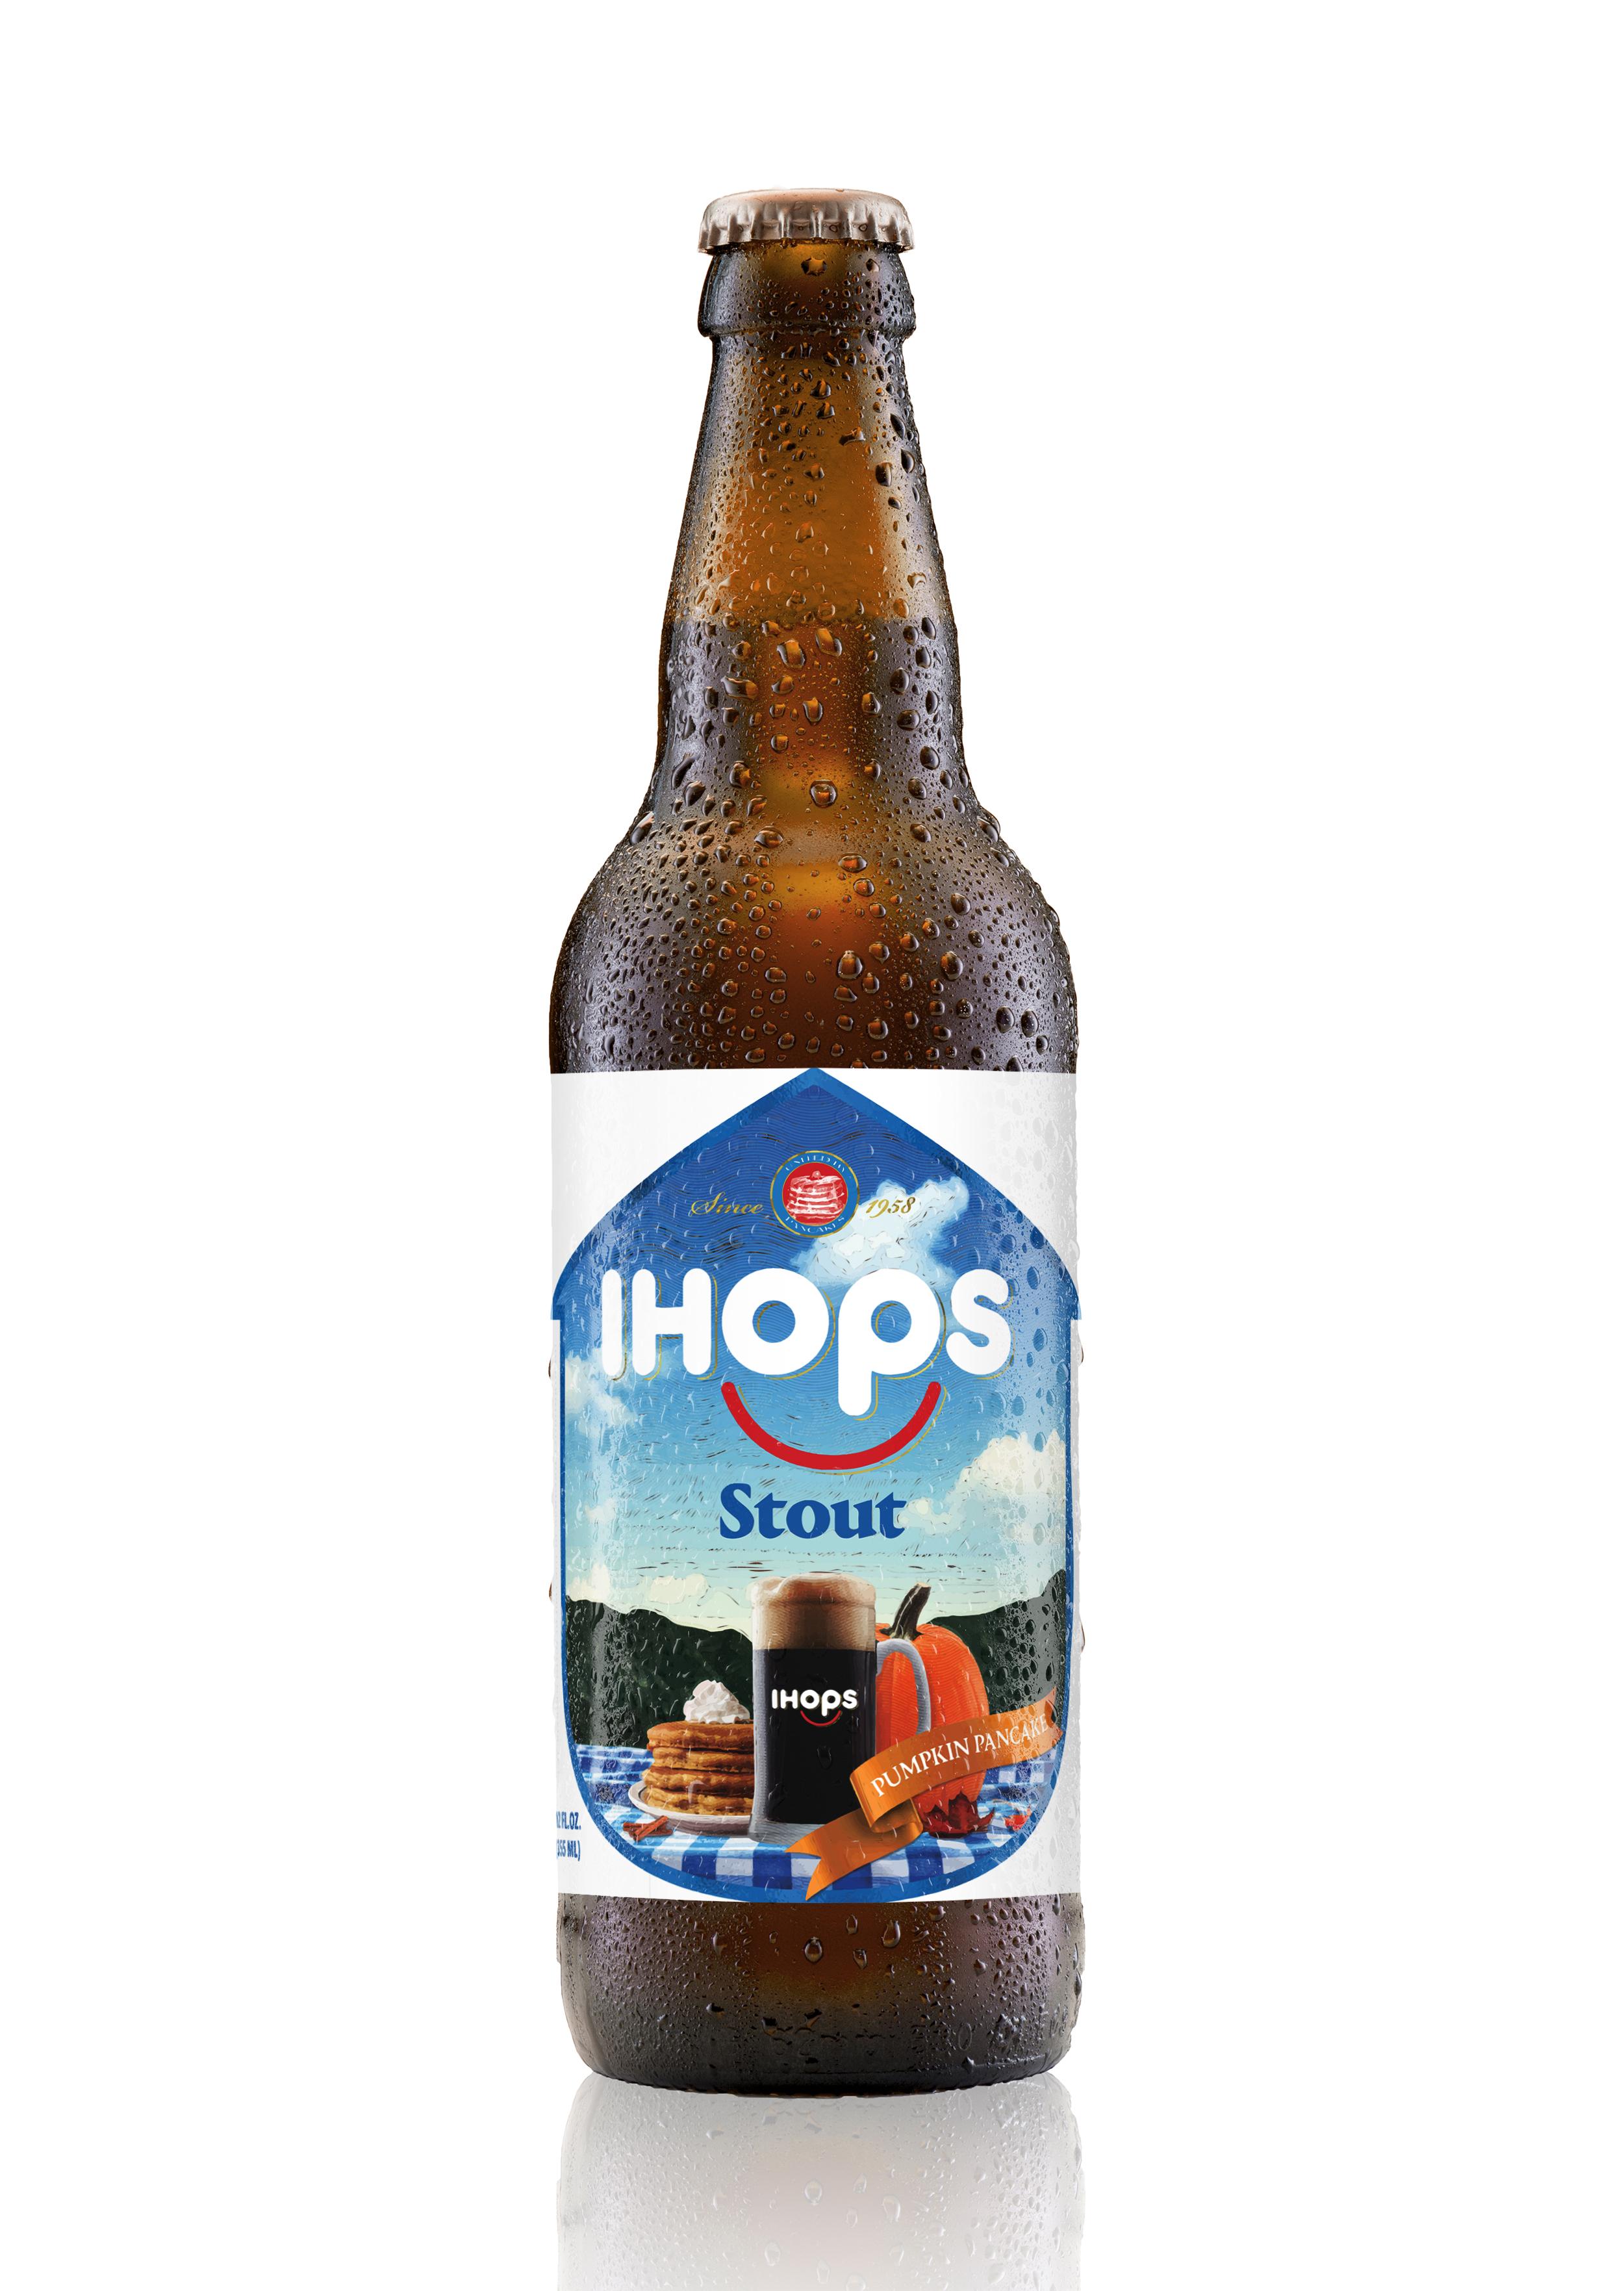 IHOPS_Bottle.jpg